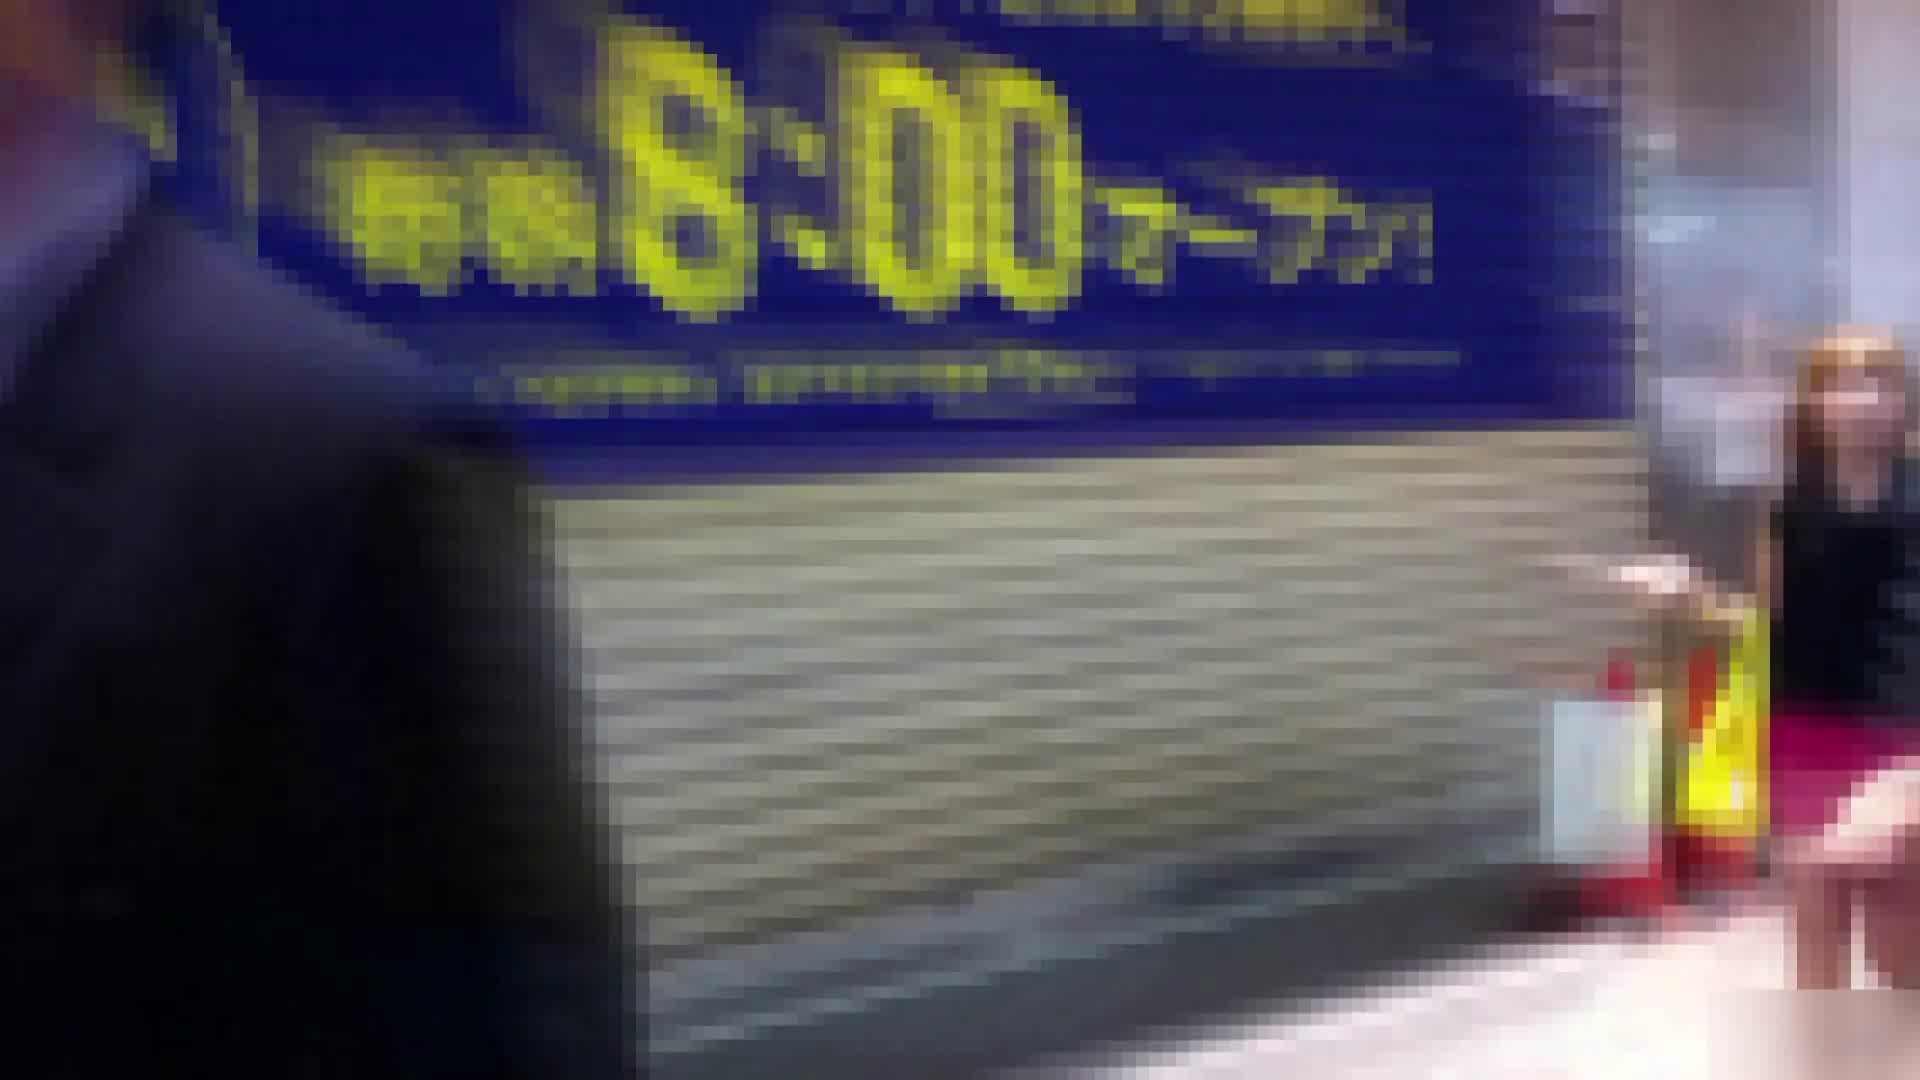 ガールズパンチラストリートビューVol.040 OLヌード天国 盗み撮り動画キャプチャ 105PIX 10